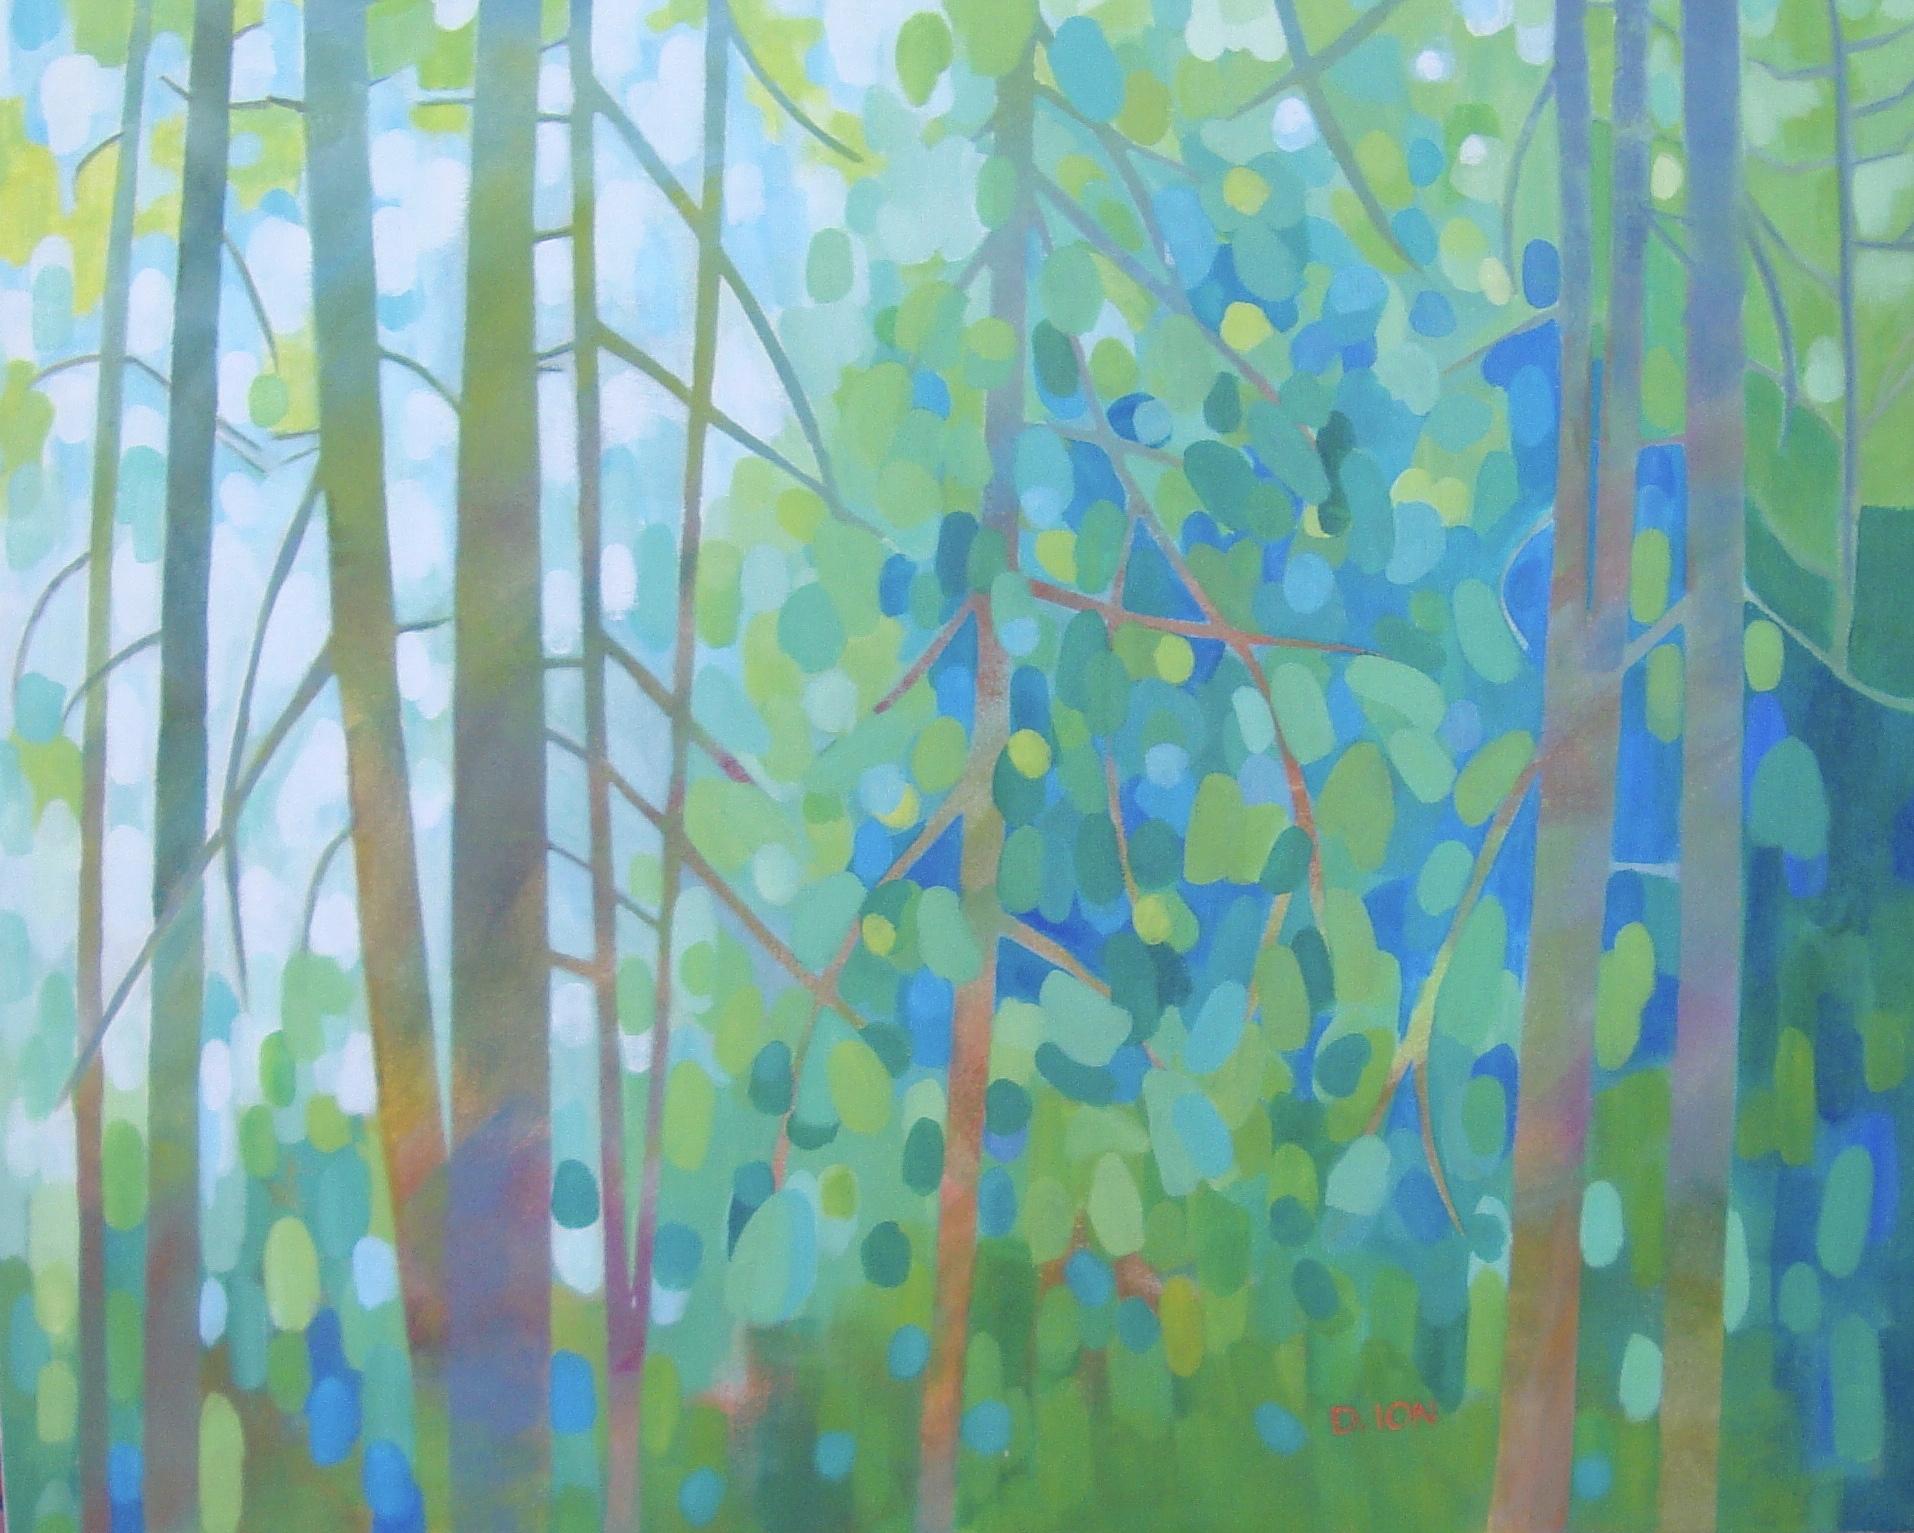 Forest Kaleidoscope 24x30 in.